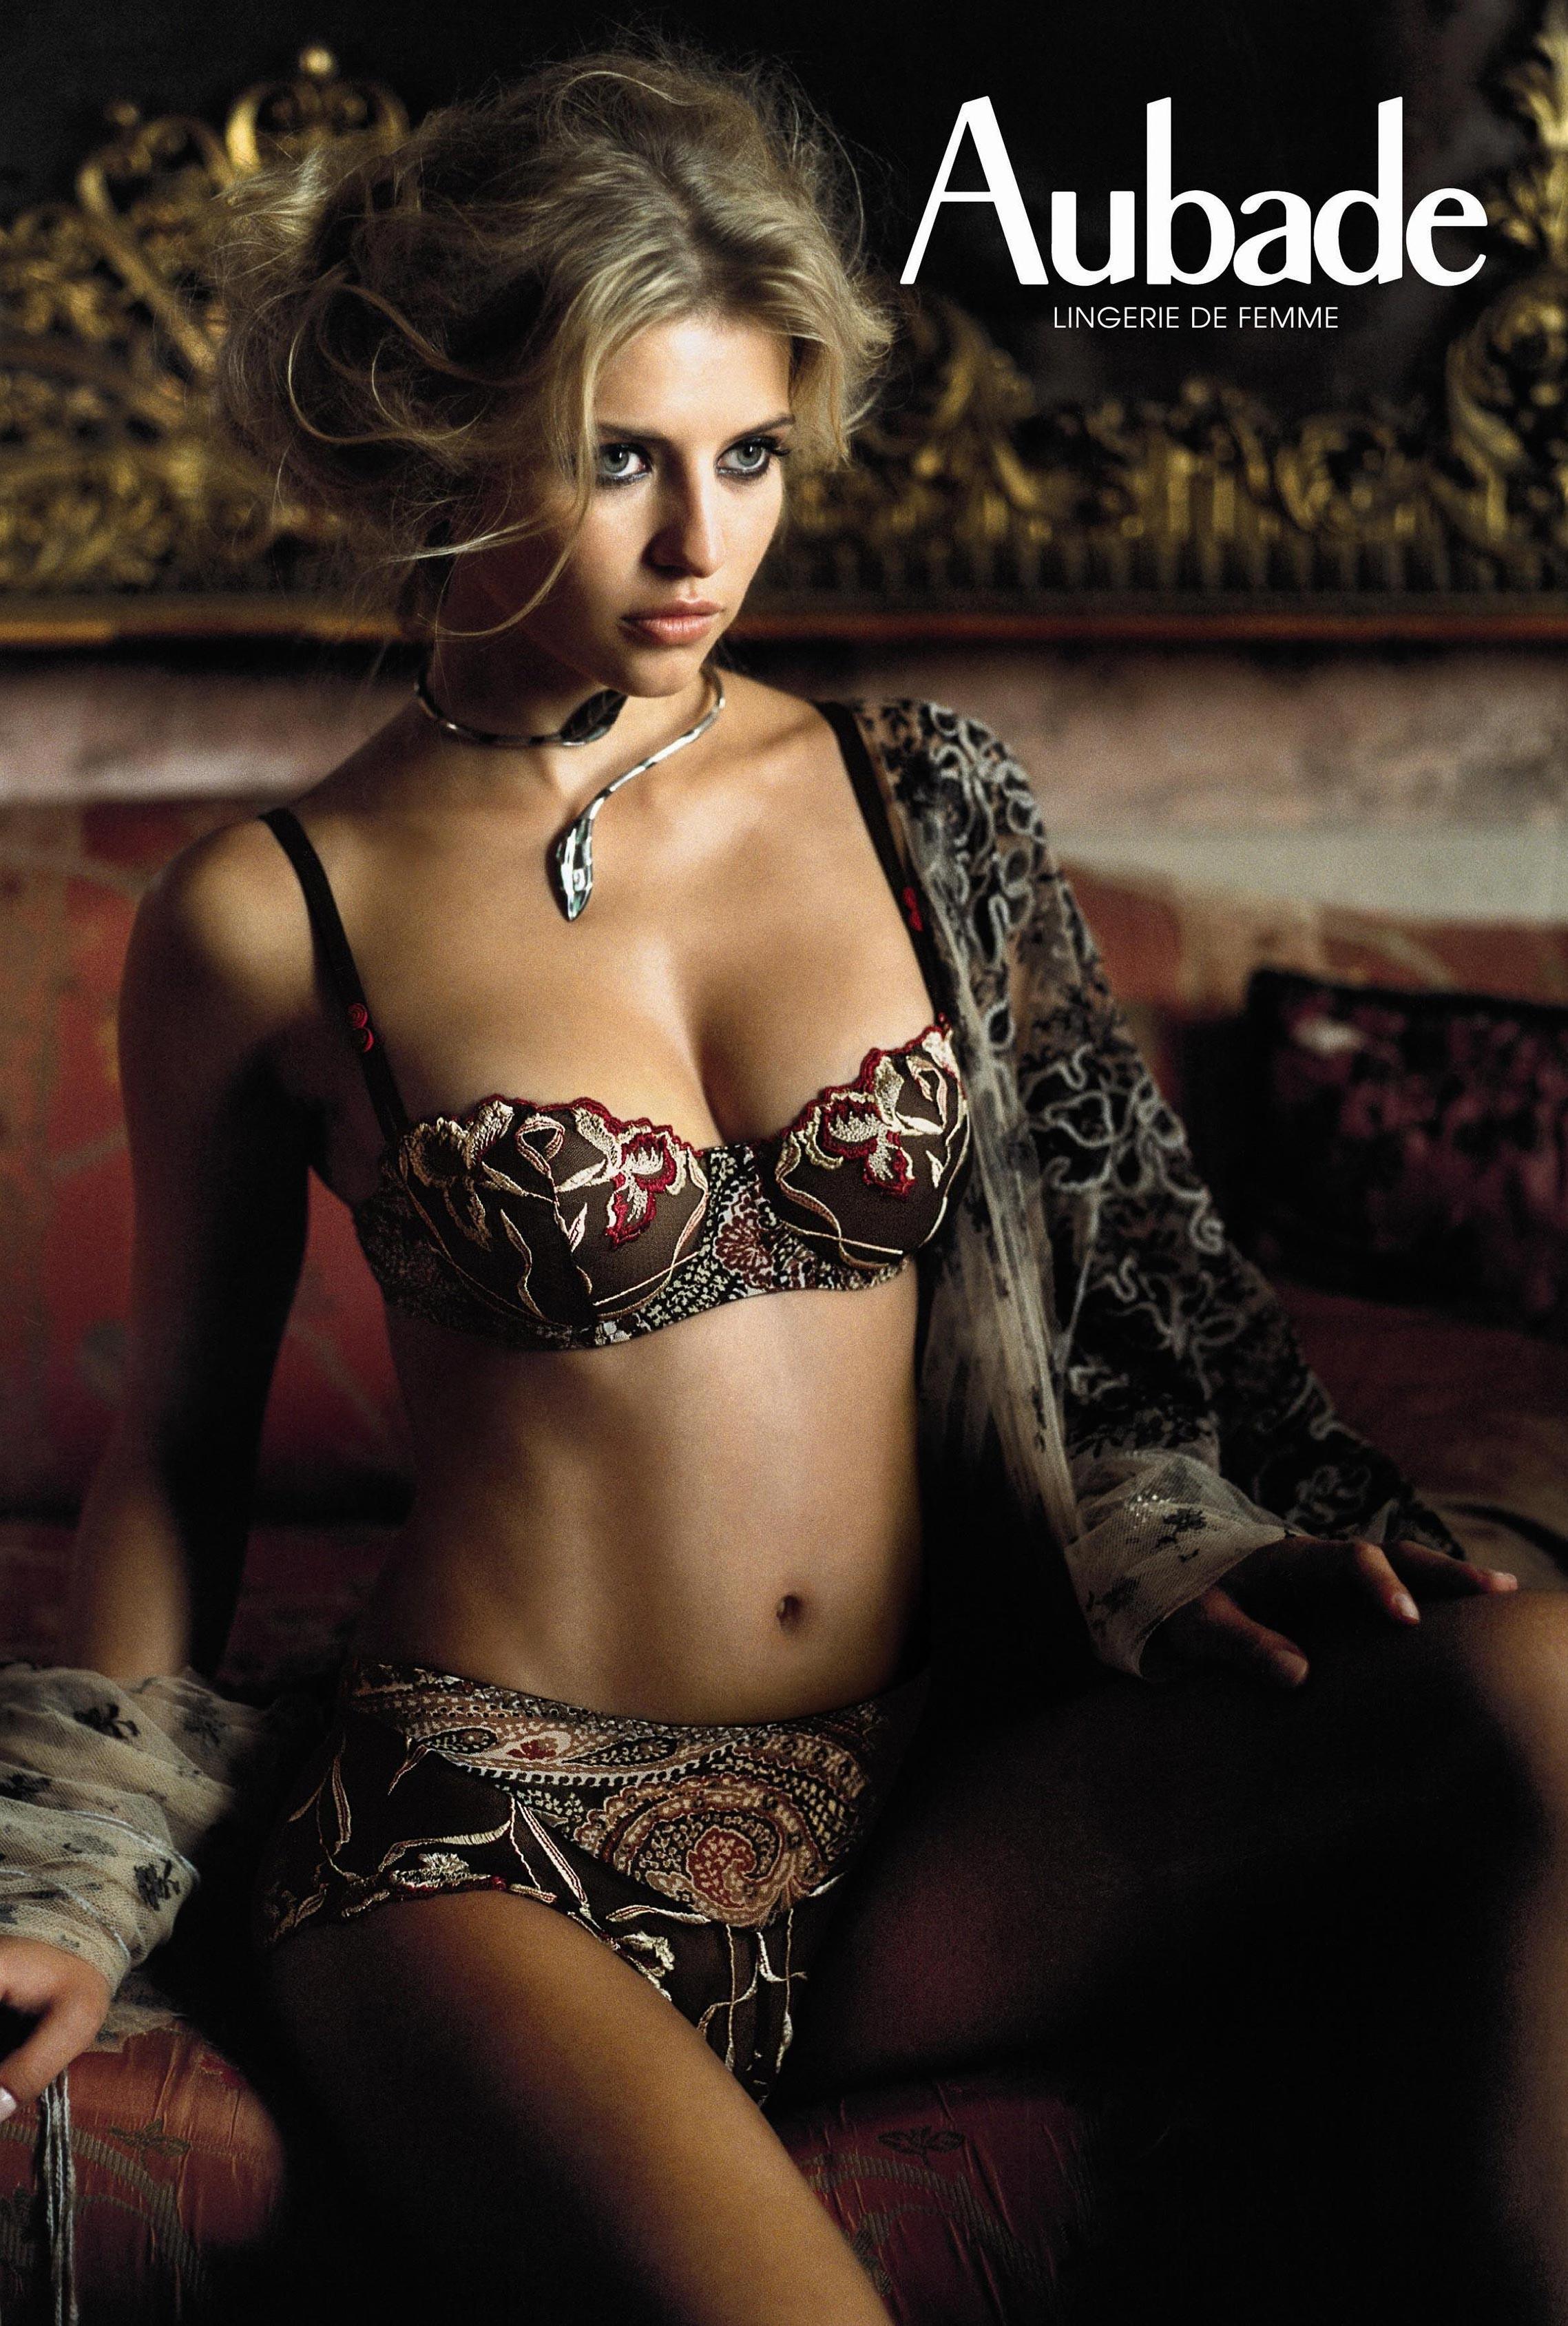 Ivana Vancova / Ивана Ванкова в нижнем белье Aubade lingerie